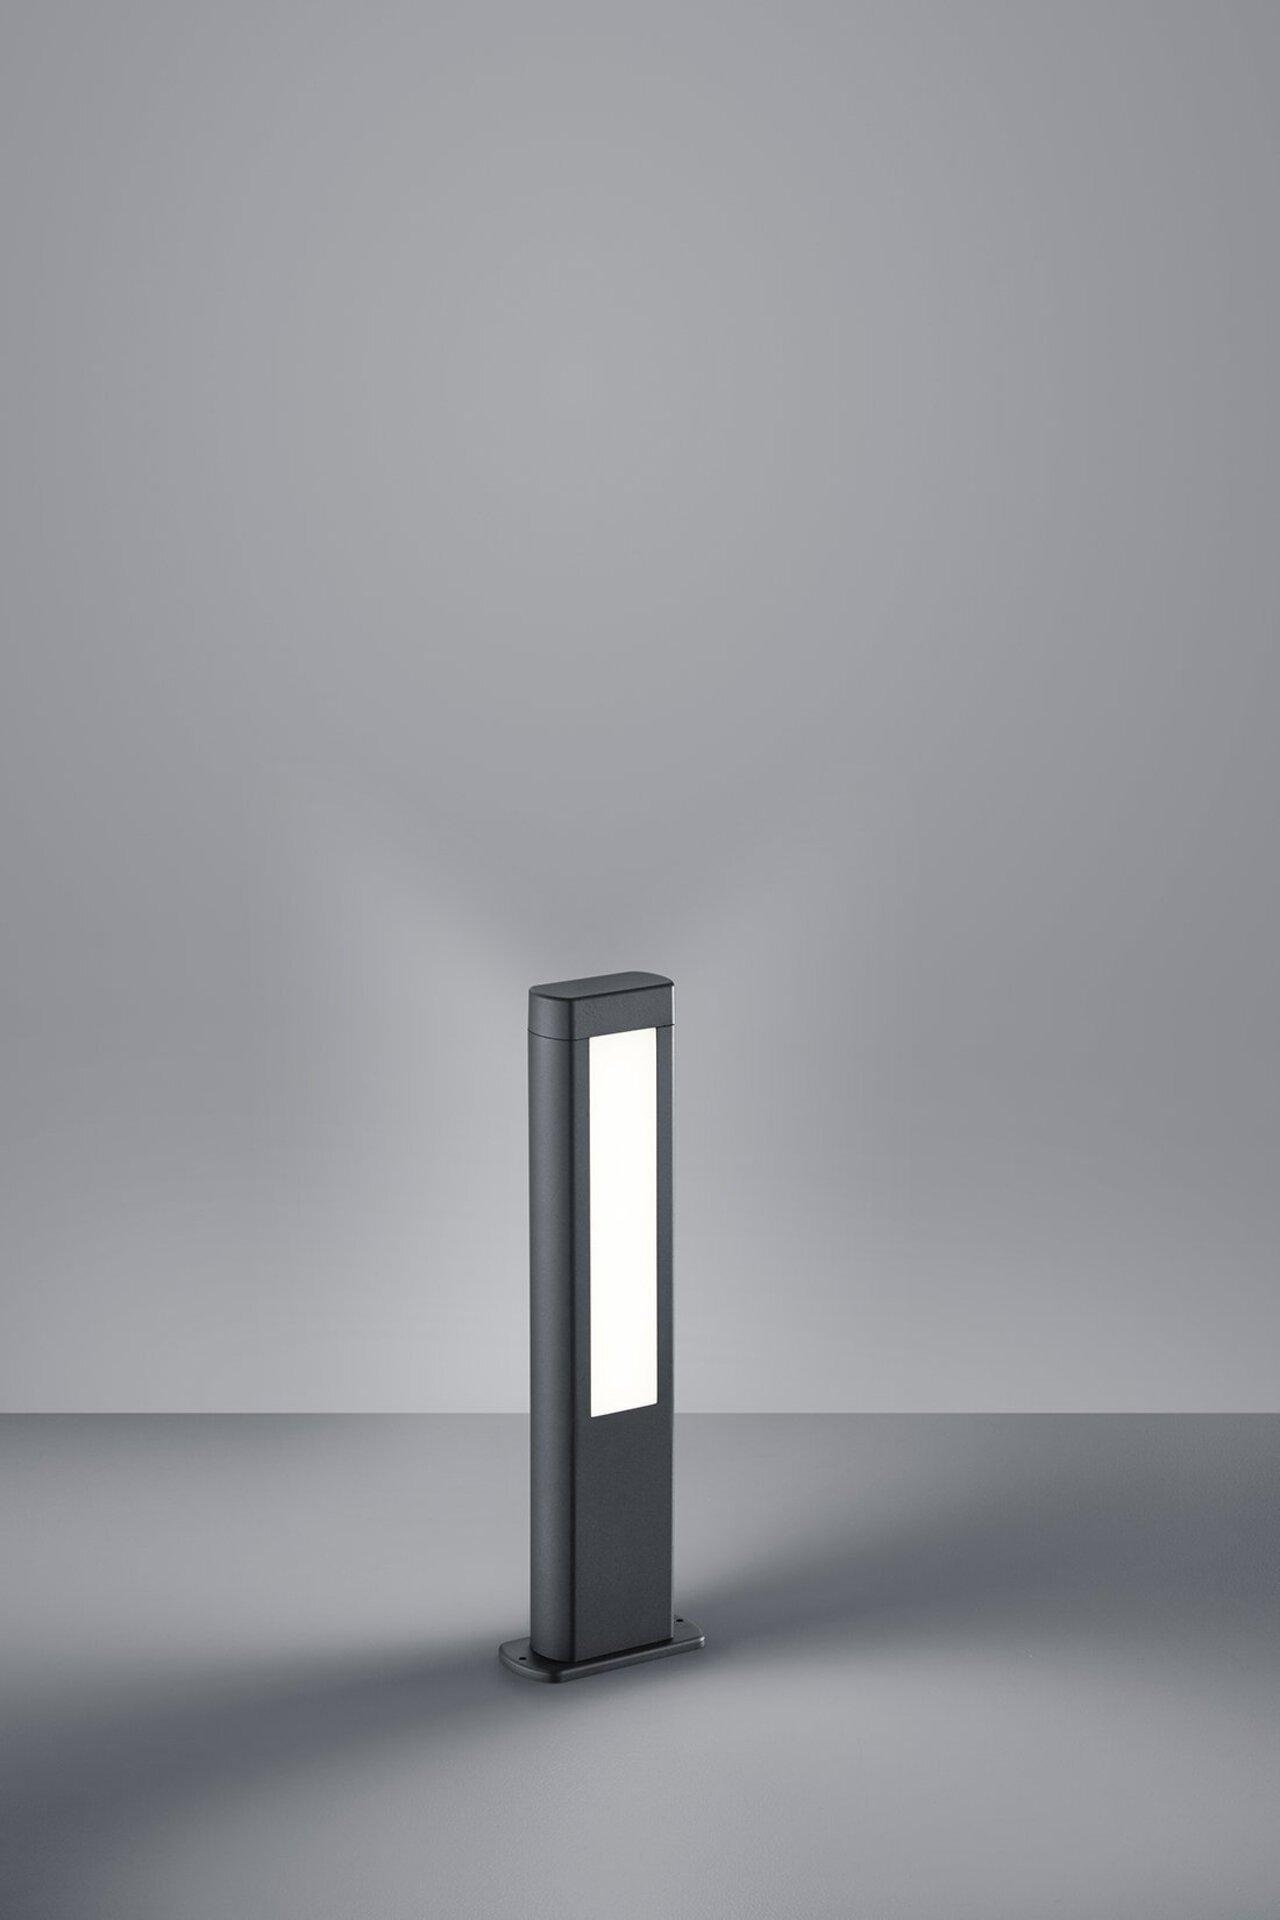 Wege-Außenleuchte Rhine Trio Leuchten Metall grau 50 x 16 cm